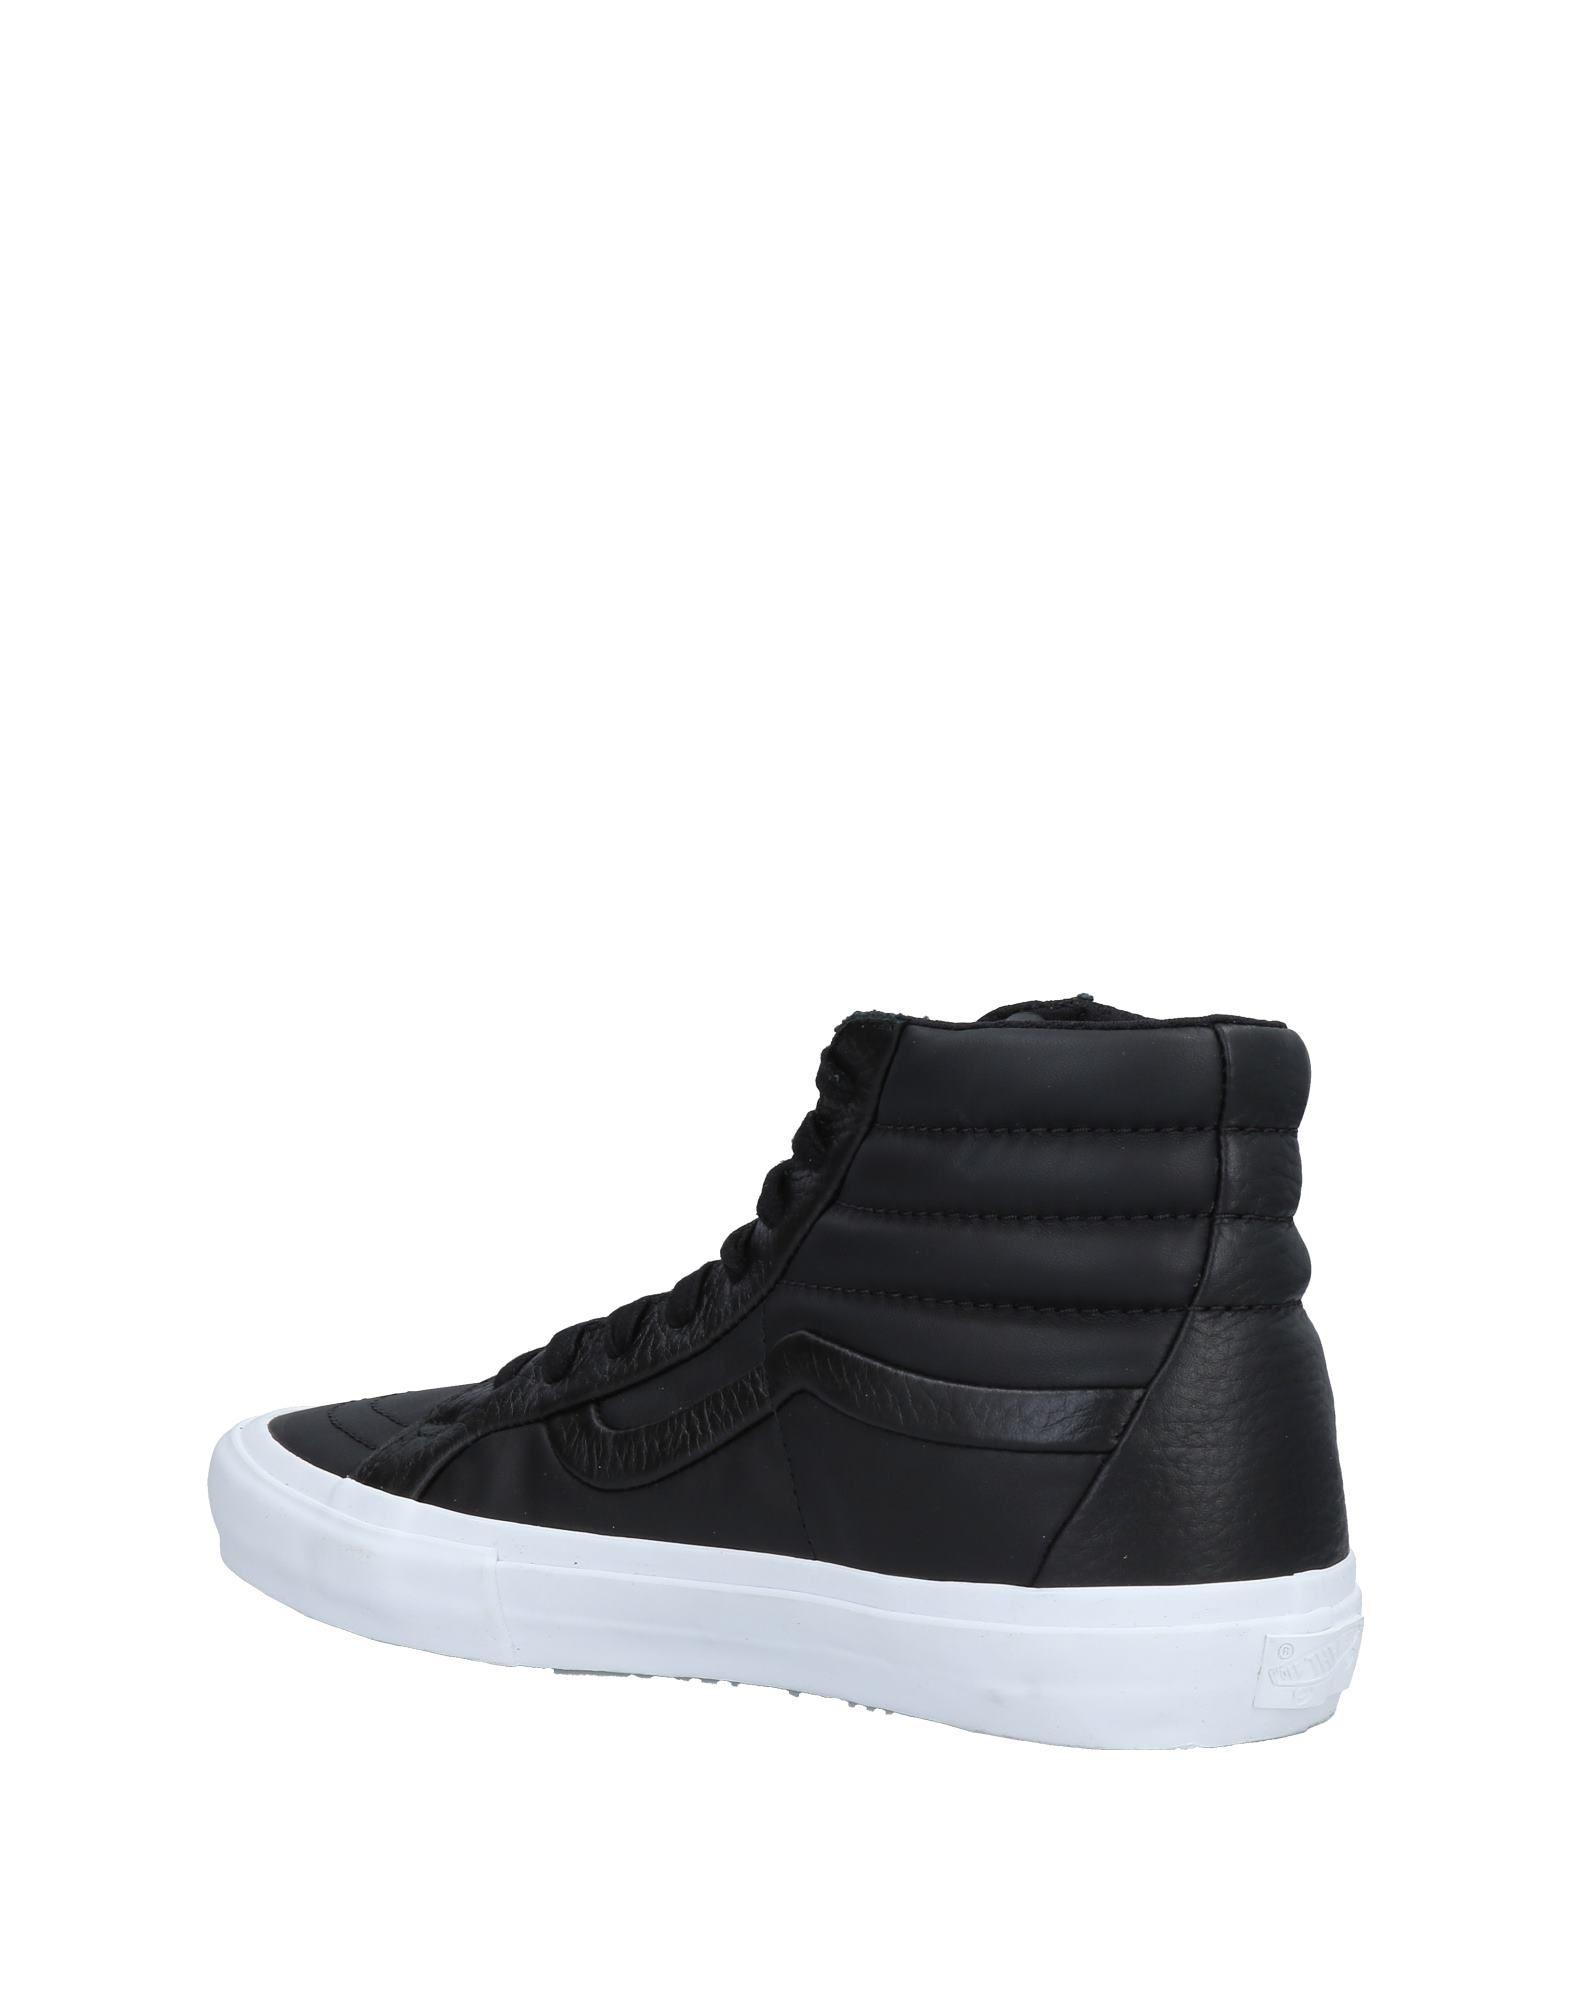 11493835WN Vans Sneakers Herren  11493835WN  397c08